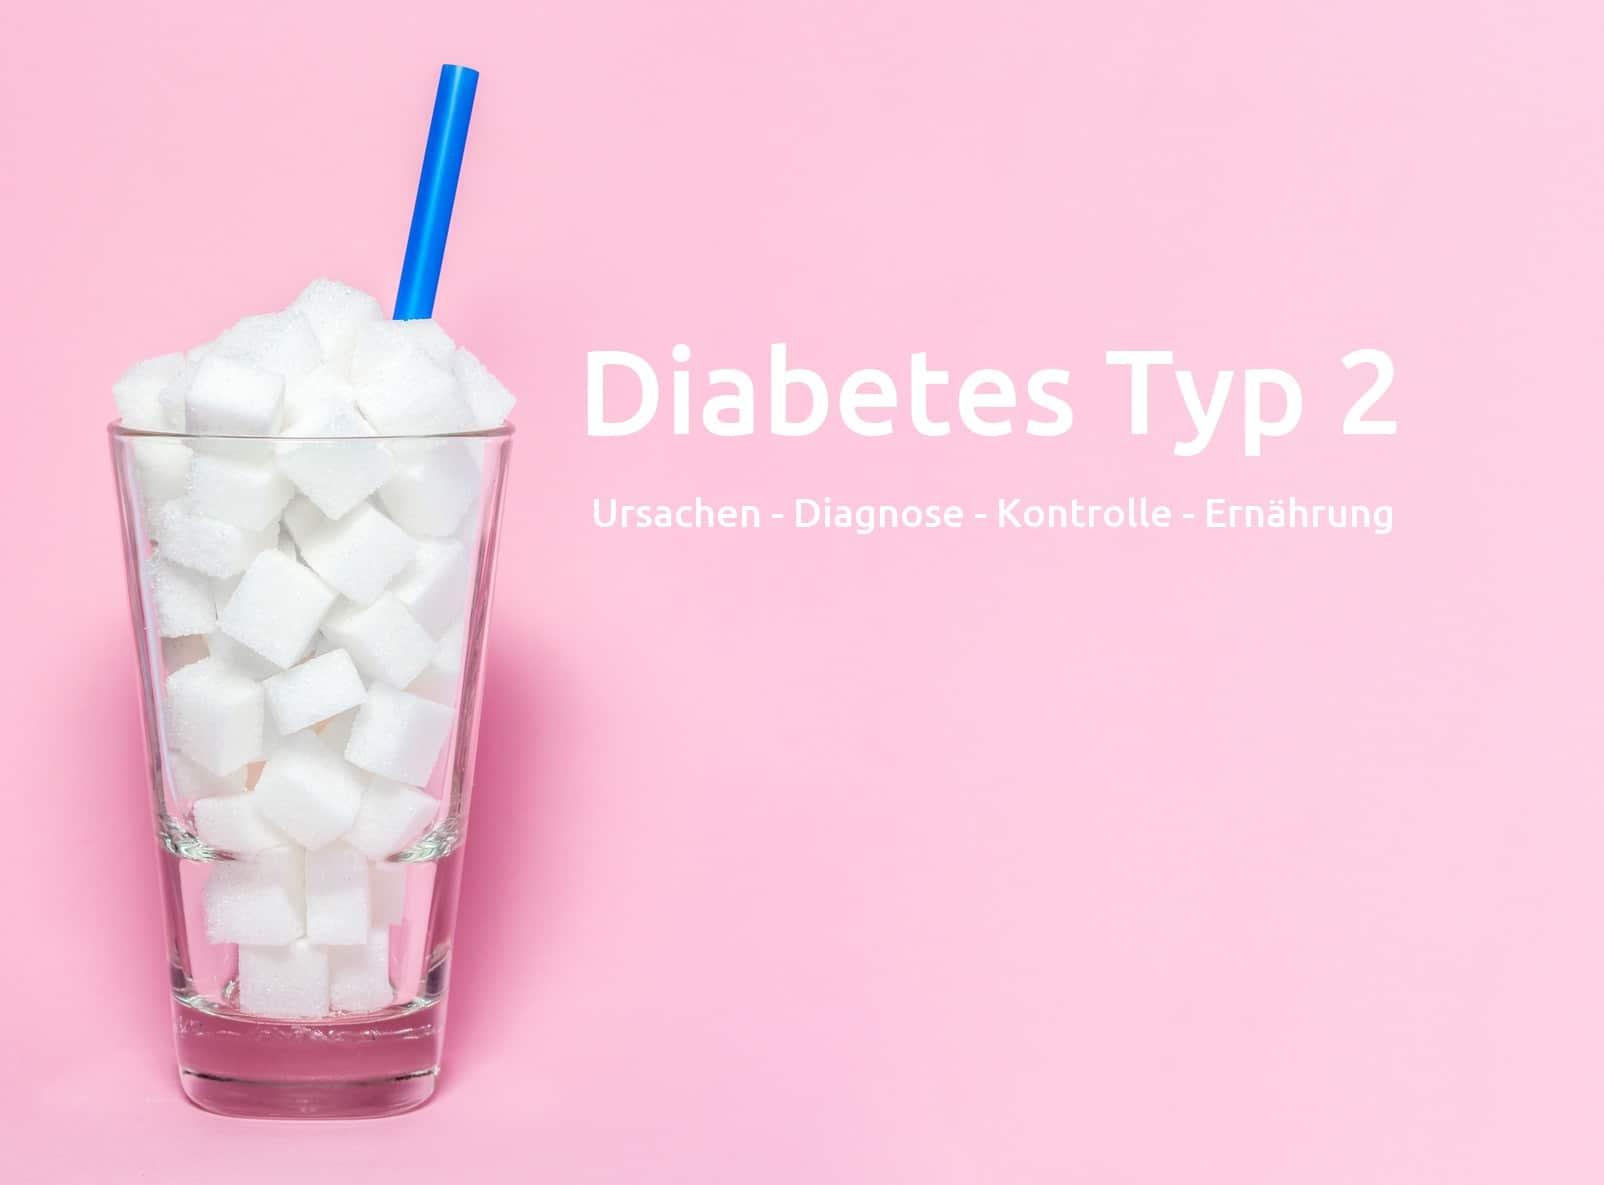 Diabetes Typ 2 – Ursachen, Risikofaktoren, Diagnose, Behandlung und Prävention